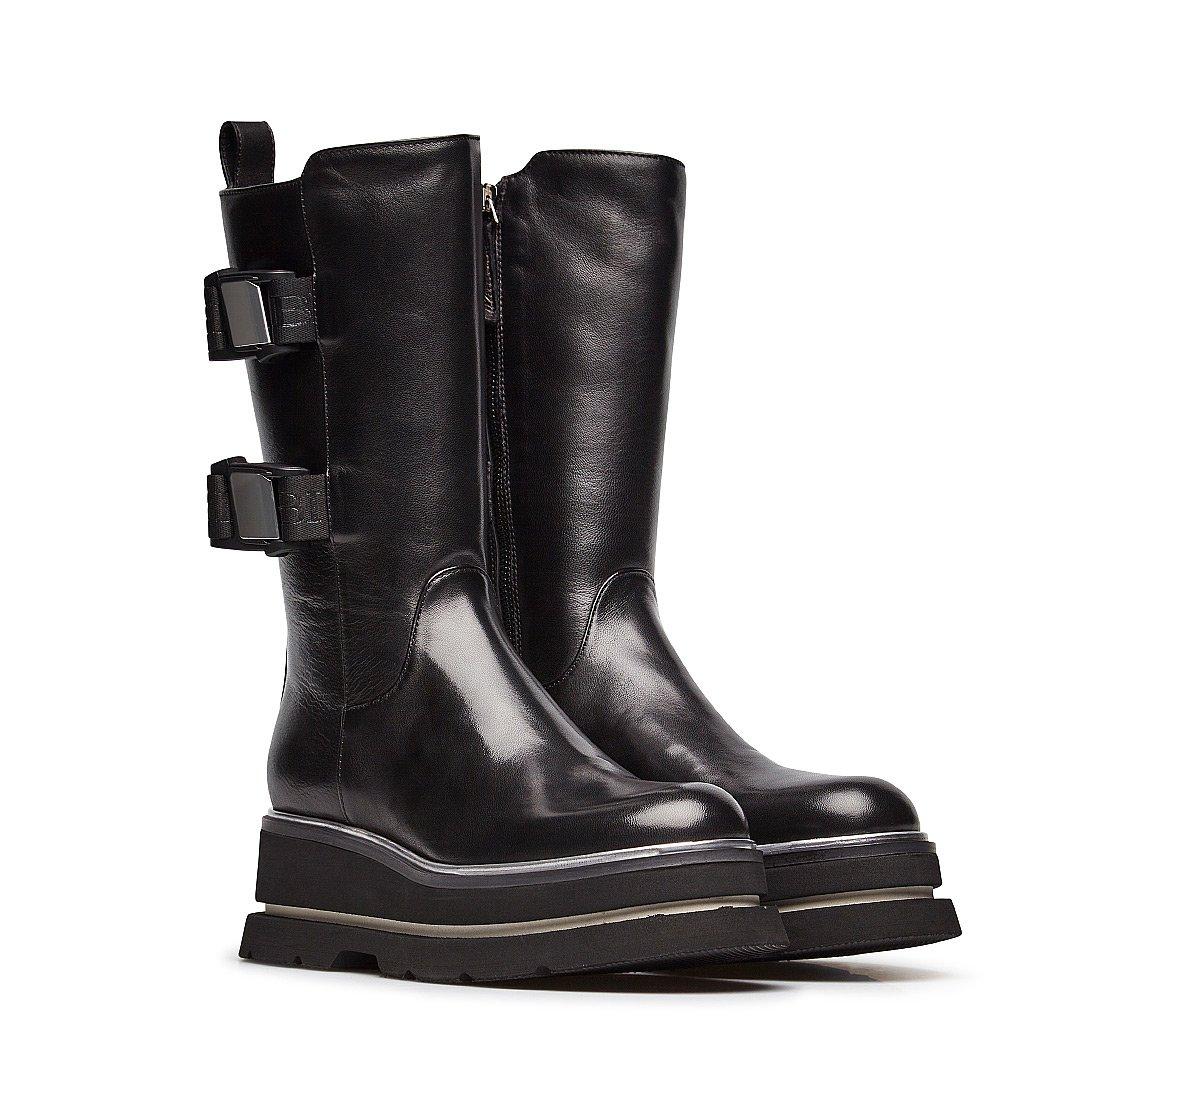 Fine nappa leather biker boots